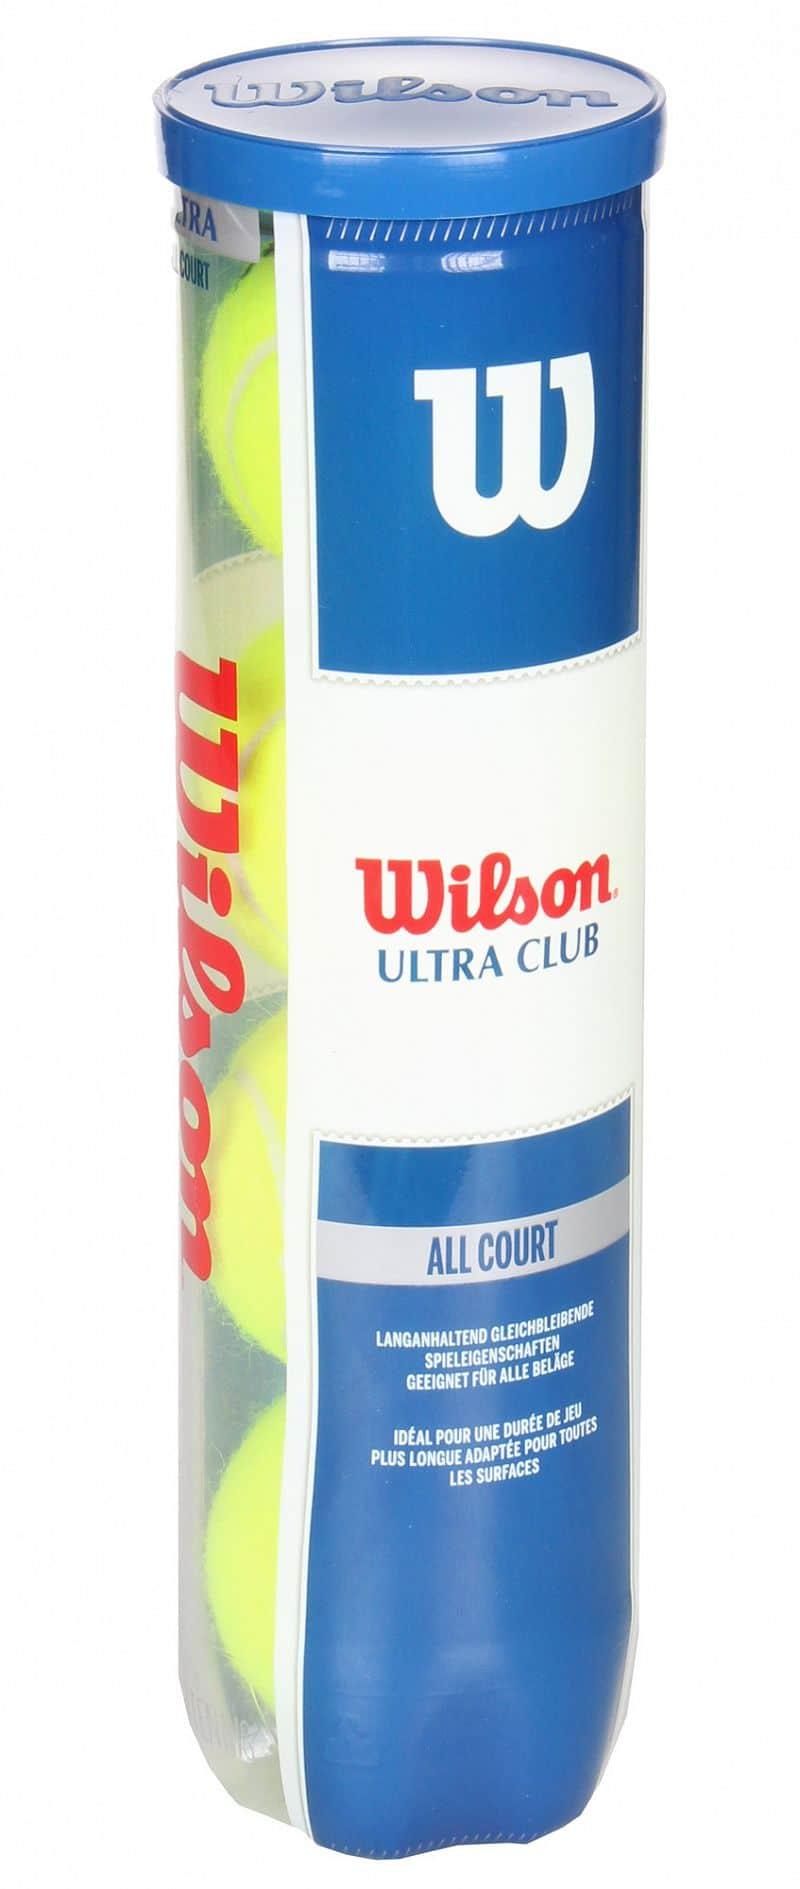 Ultra Club tenisové míče balení: 4 ks